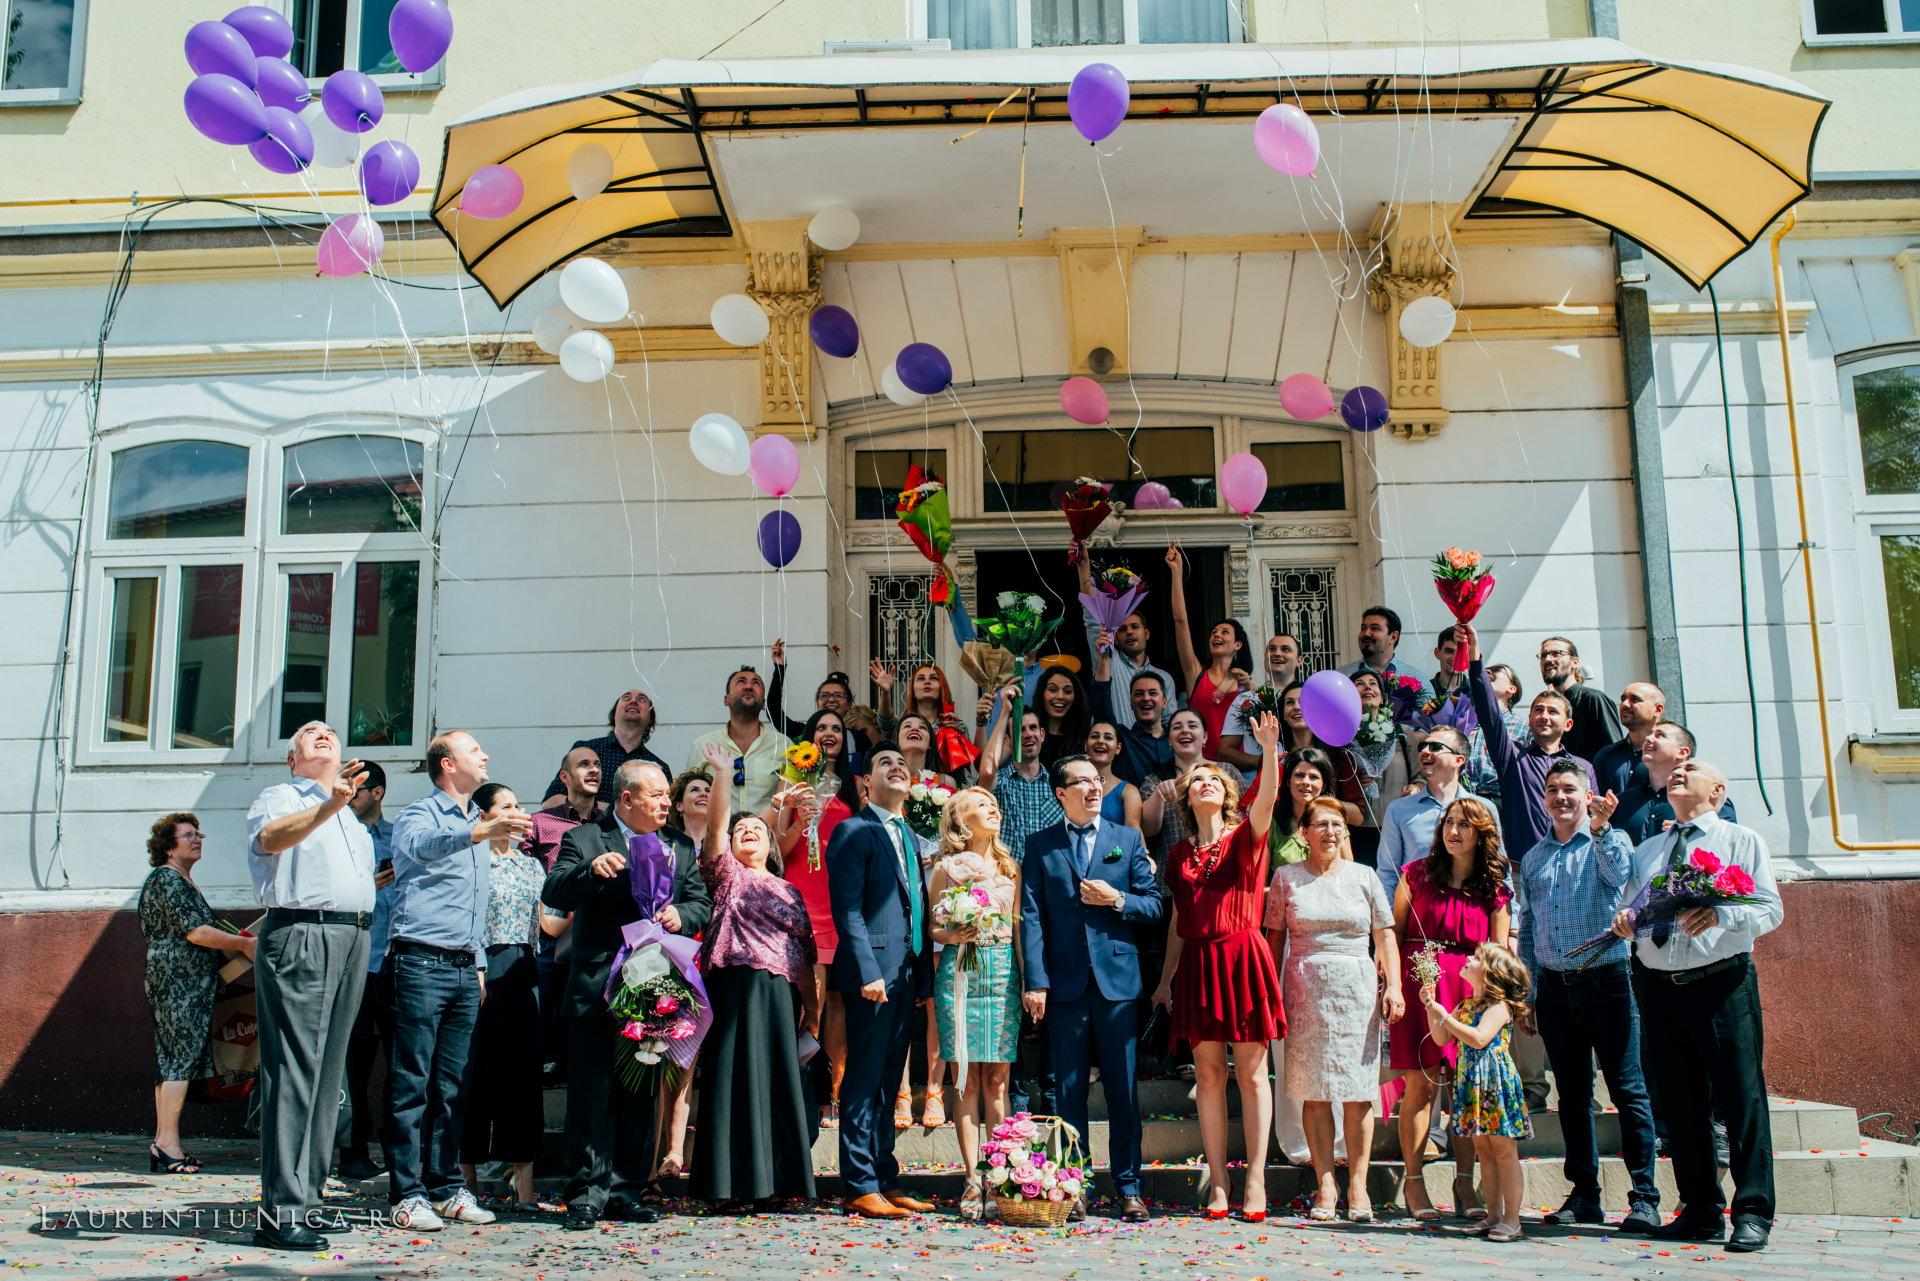 alina si razvan craiova fotograf nunta laurentiu nica07 - Alina & Razvan | Fotografii nunta